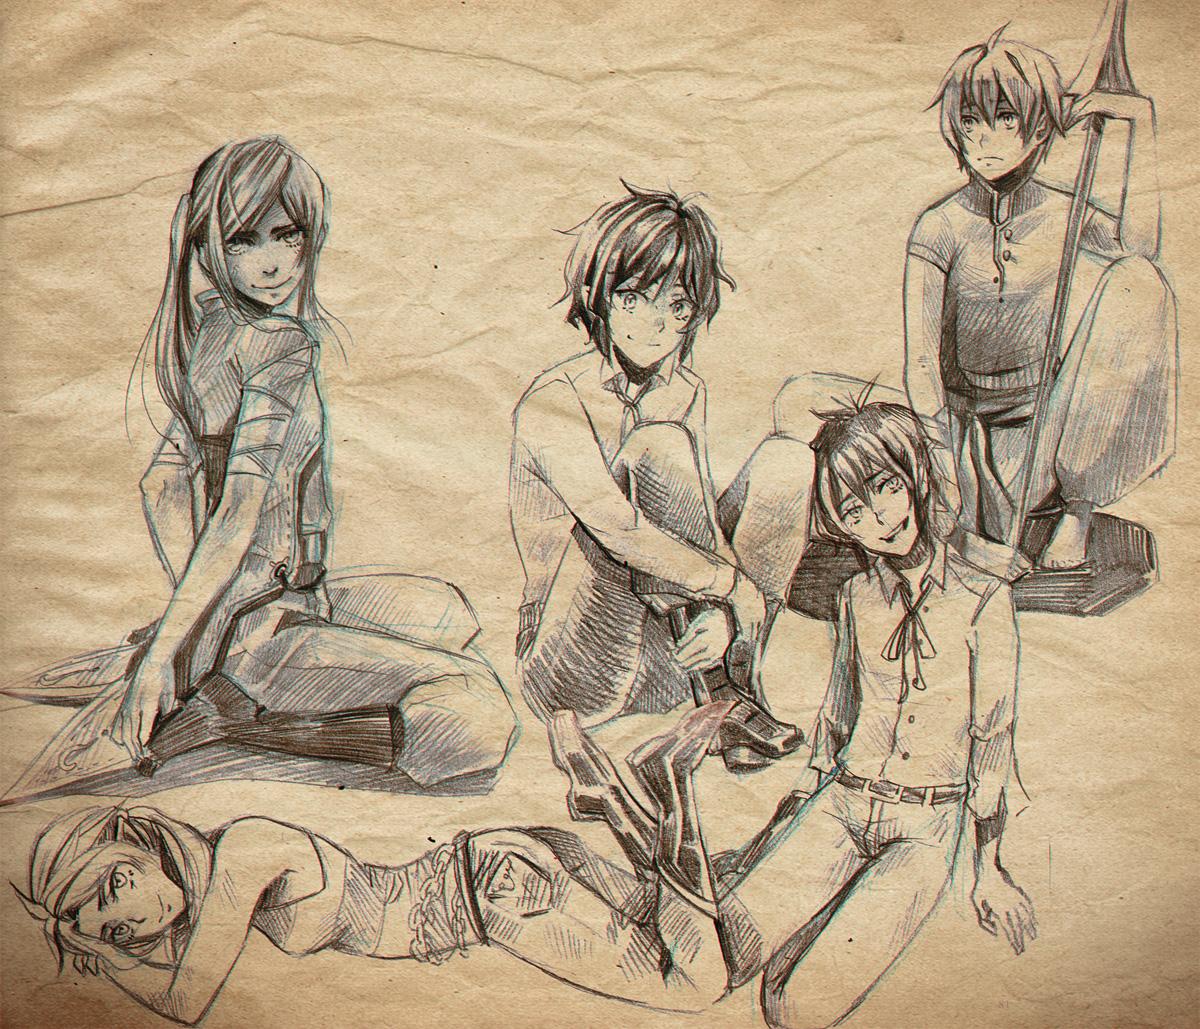 +Doodlage - pencil sketches+ by goku-no-baka